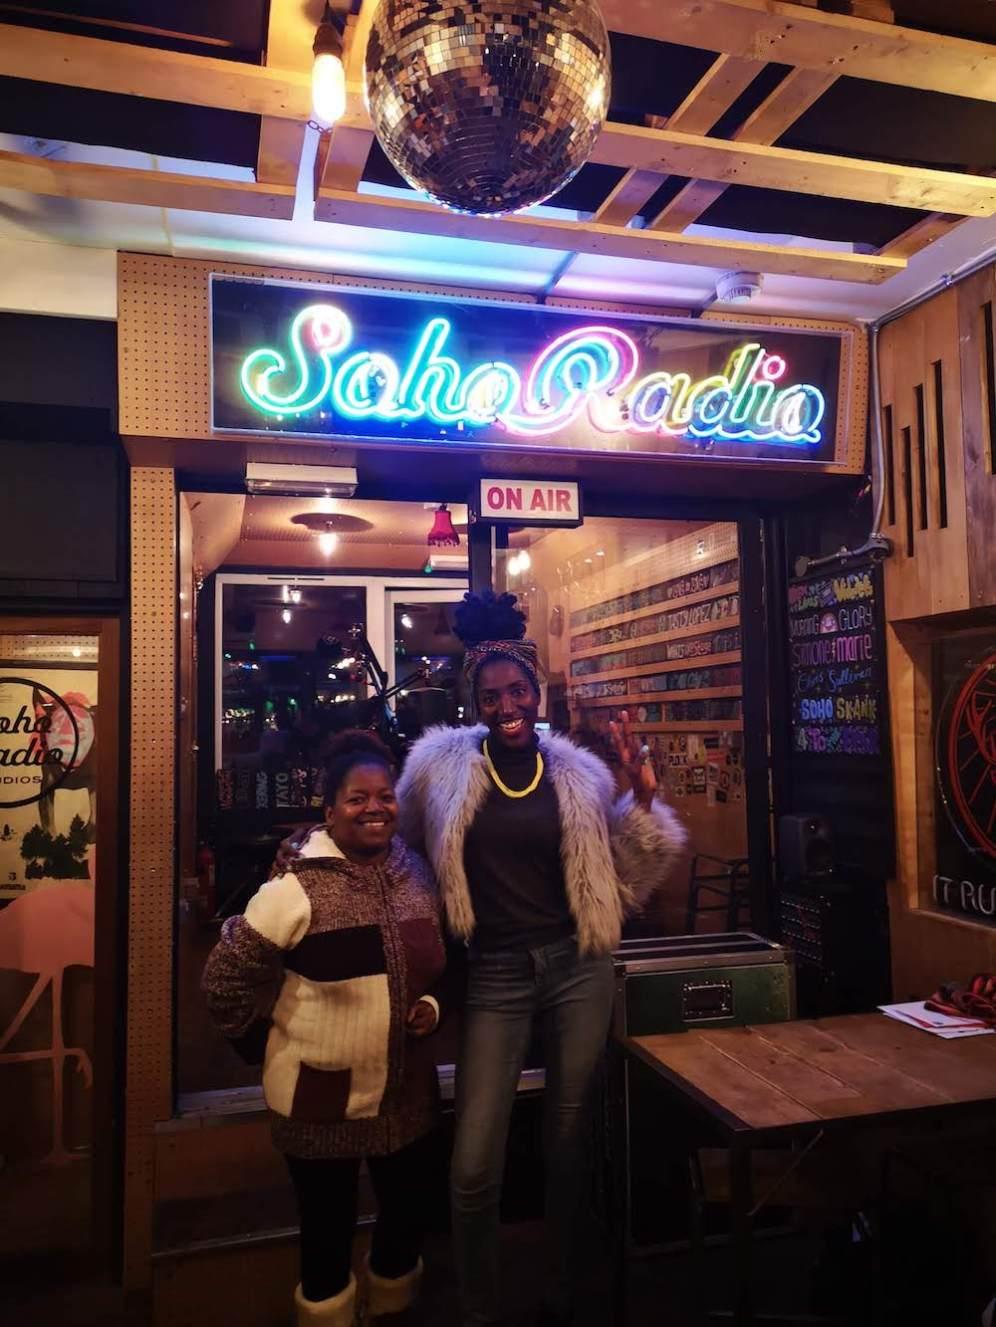 The soho girl and Bev 19th Nov